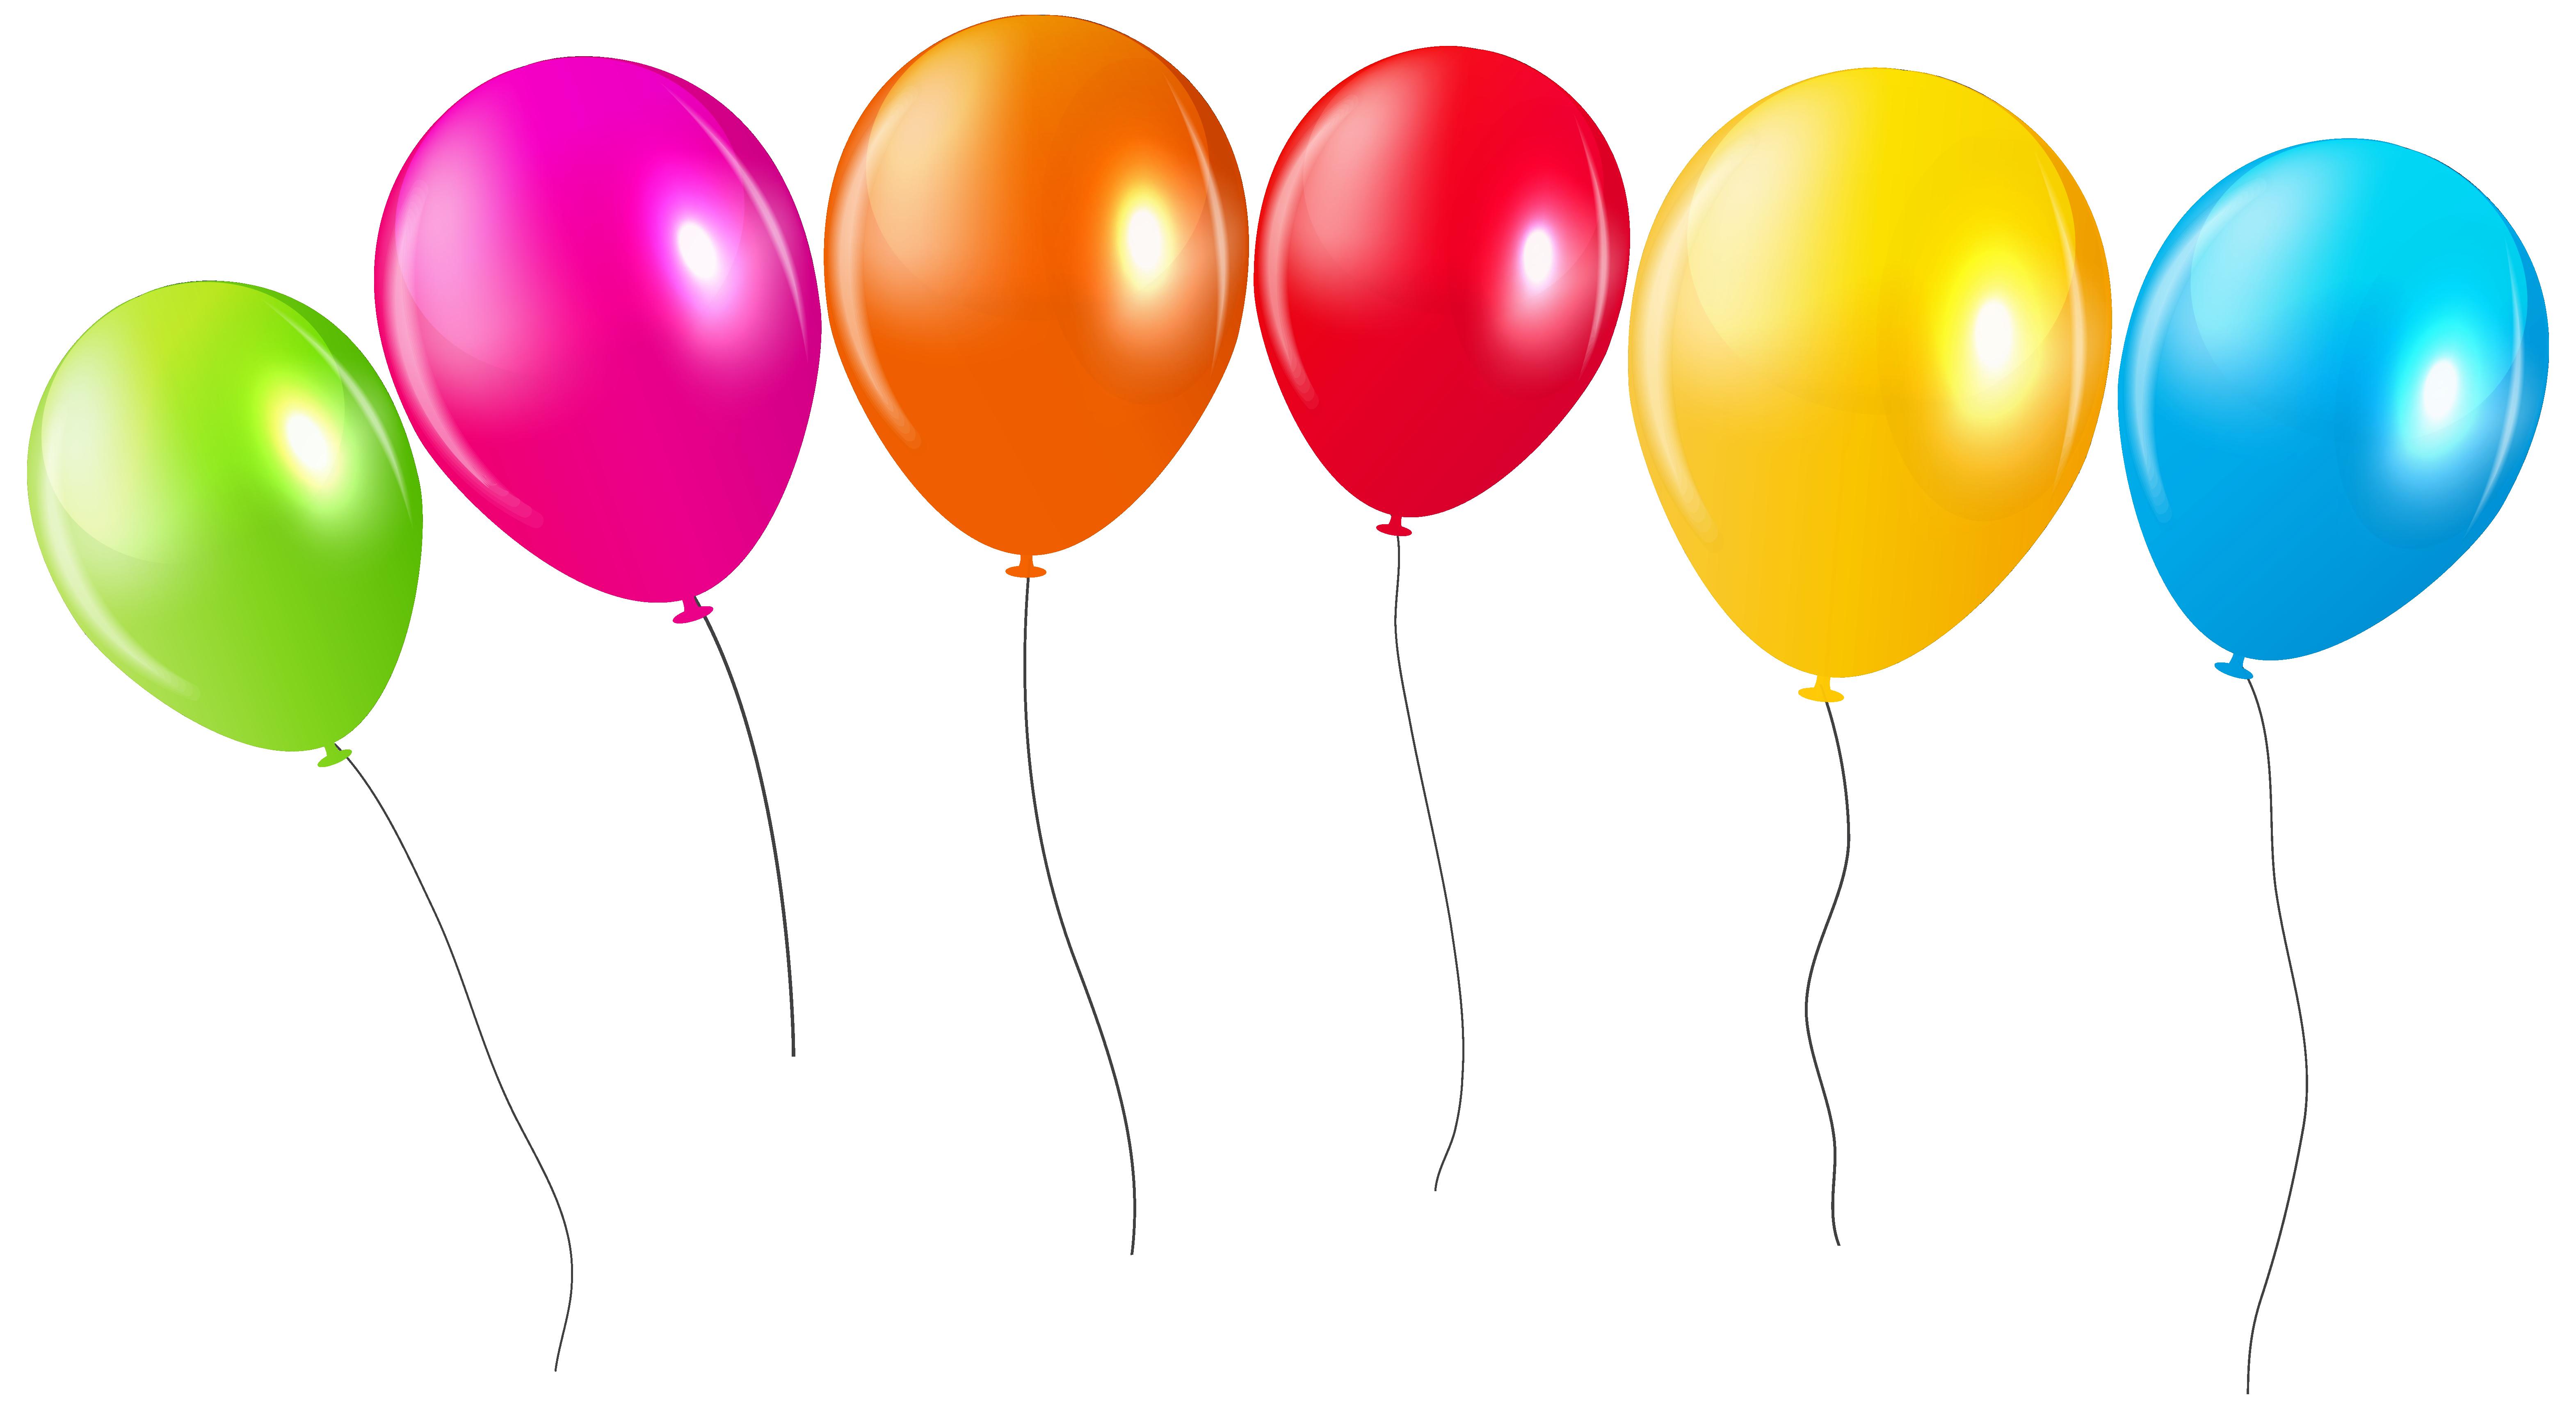 Transparent Colorful Balloons PNG Clipar